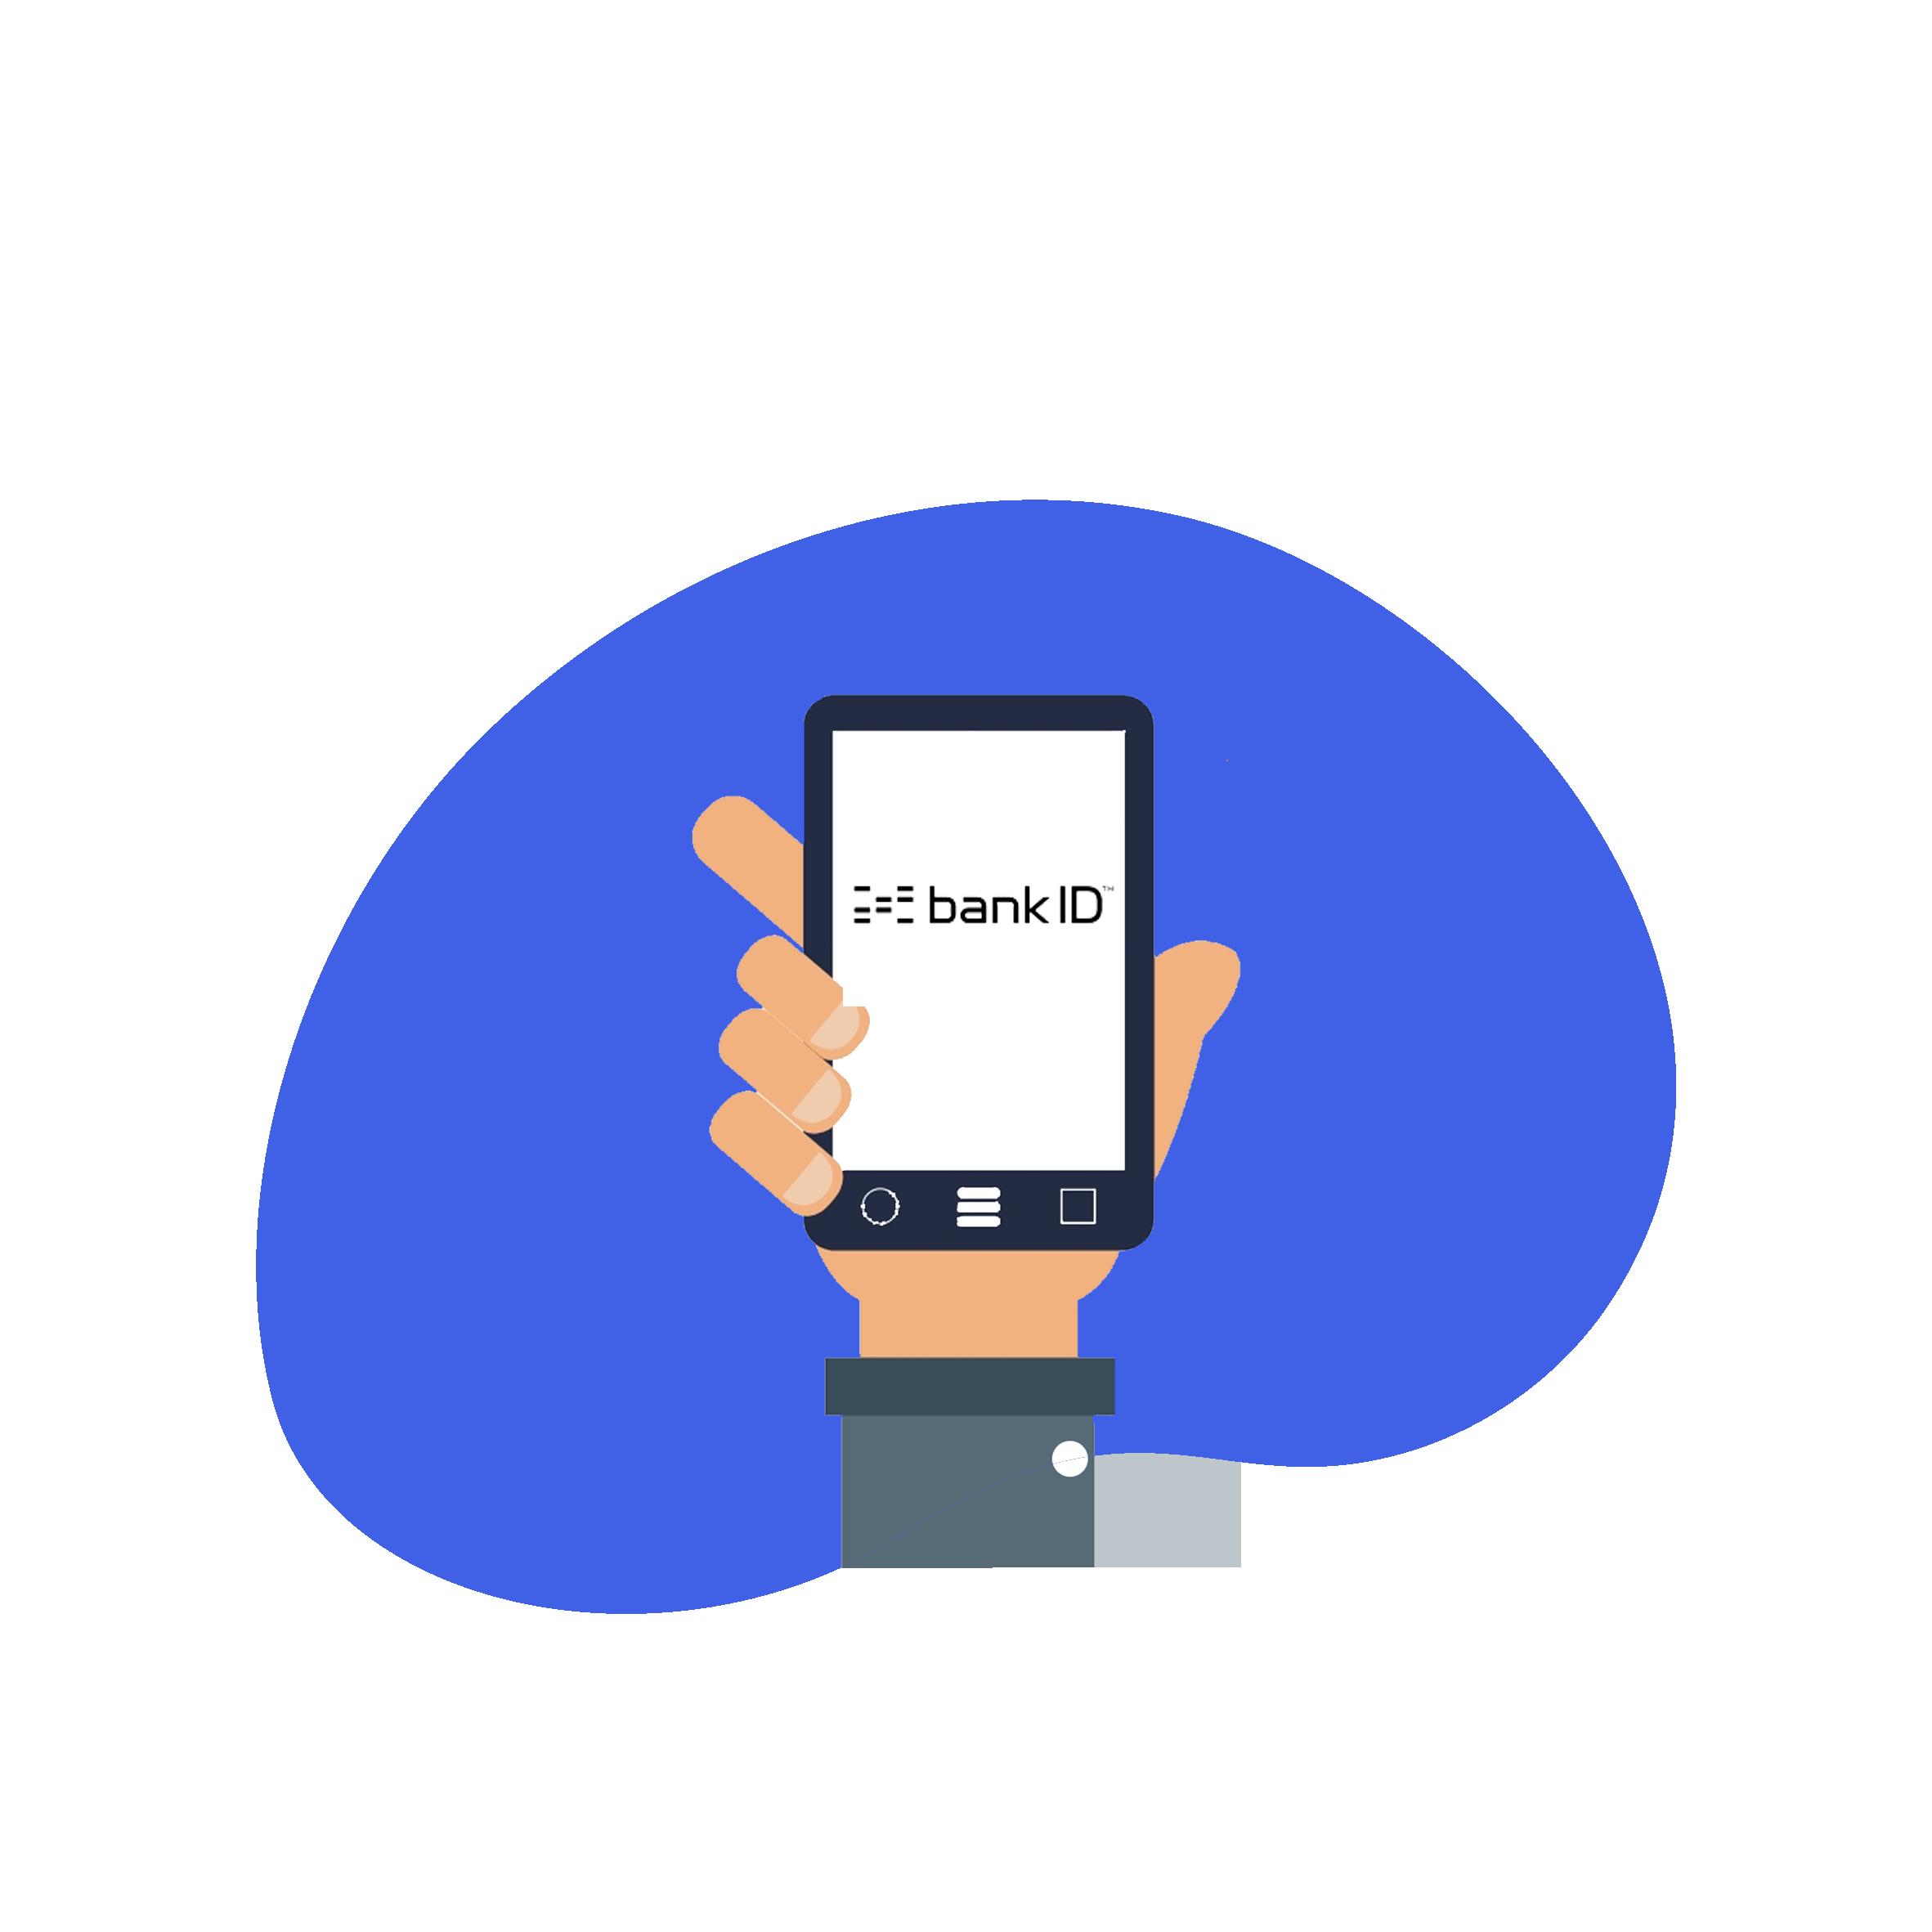 ikon som viser en mobil som viser BankID logo